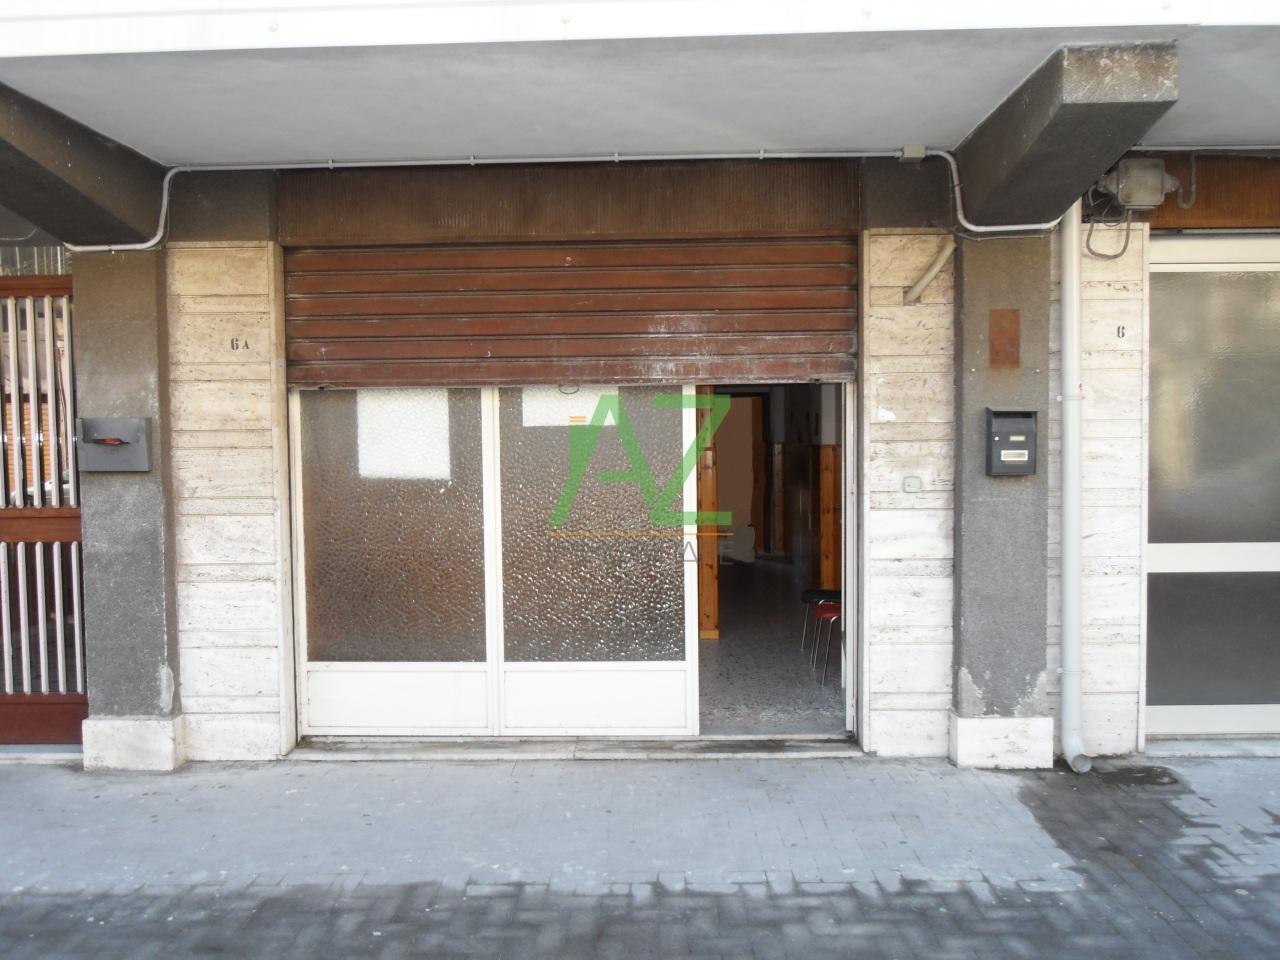 Negozio / Locale in vendita a Belpasso, 9999 locali, prezzo € 50.000 | Cambio Casa.it